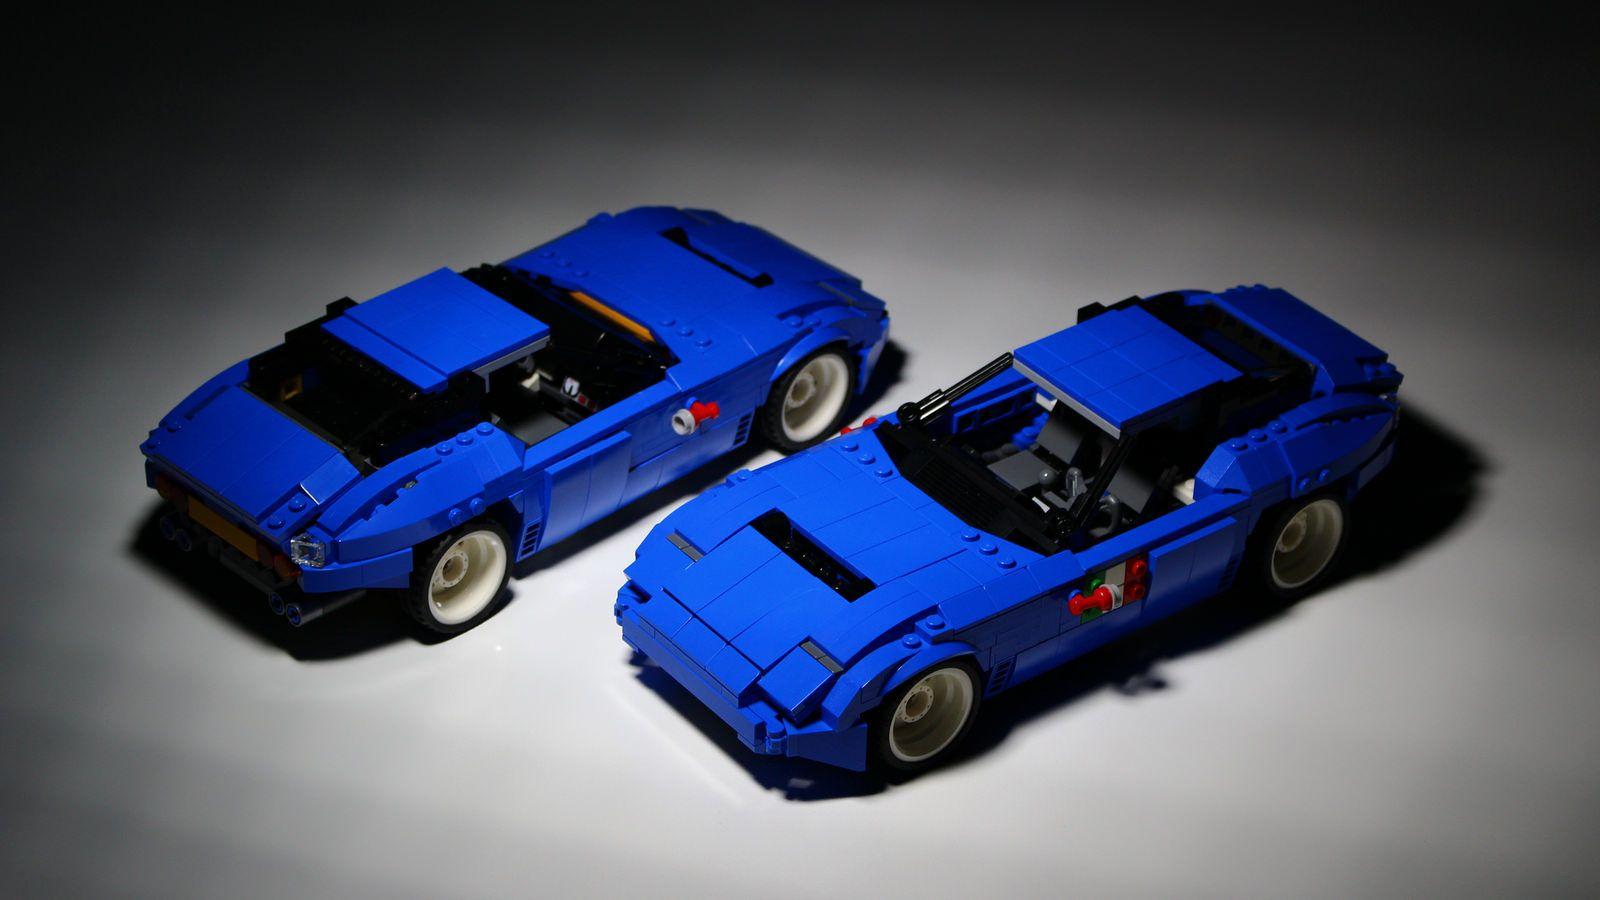 Lego 31070 Alternate Sports Car Lego Lego Creations Lego